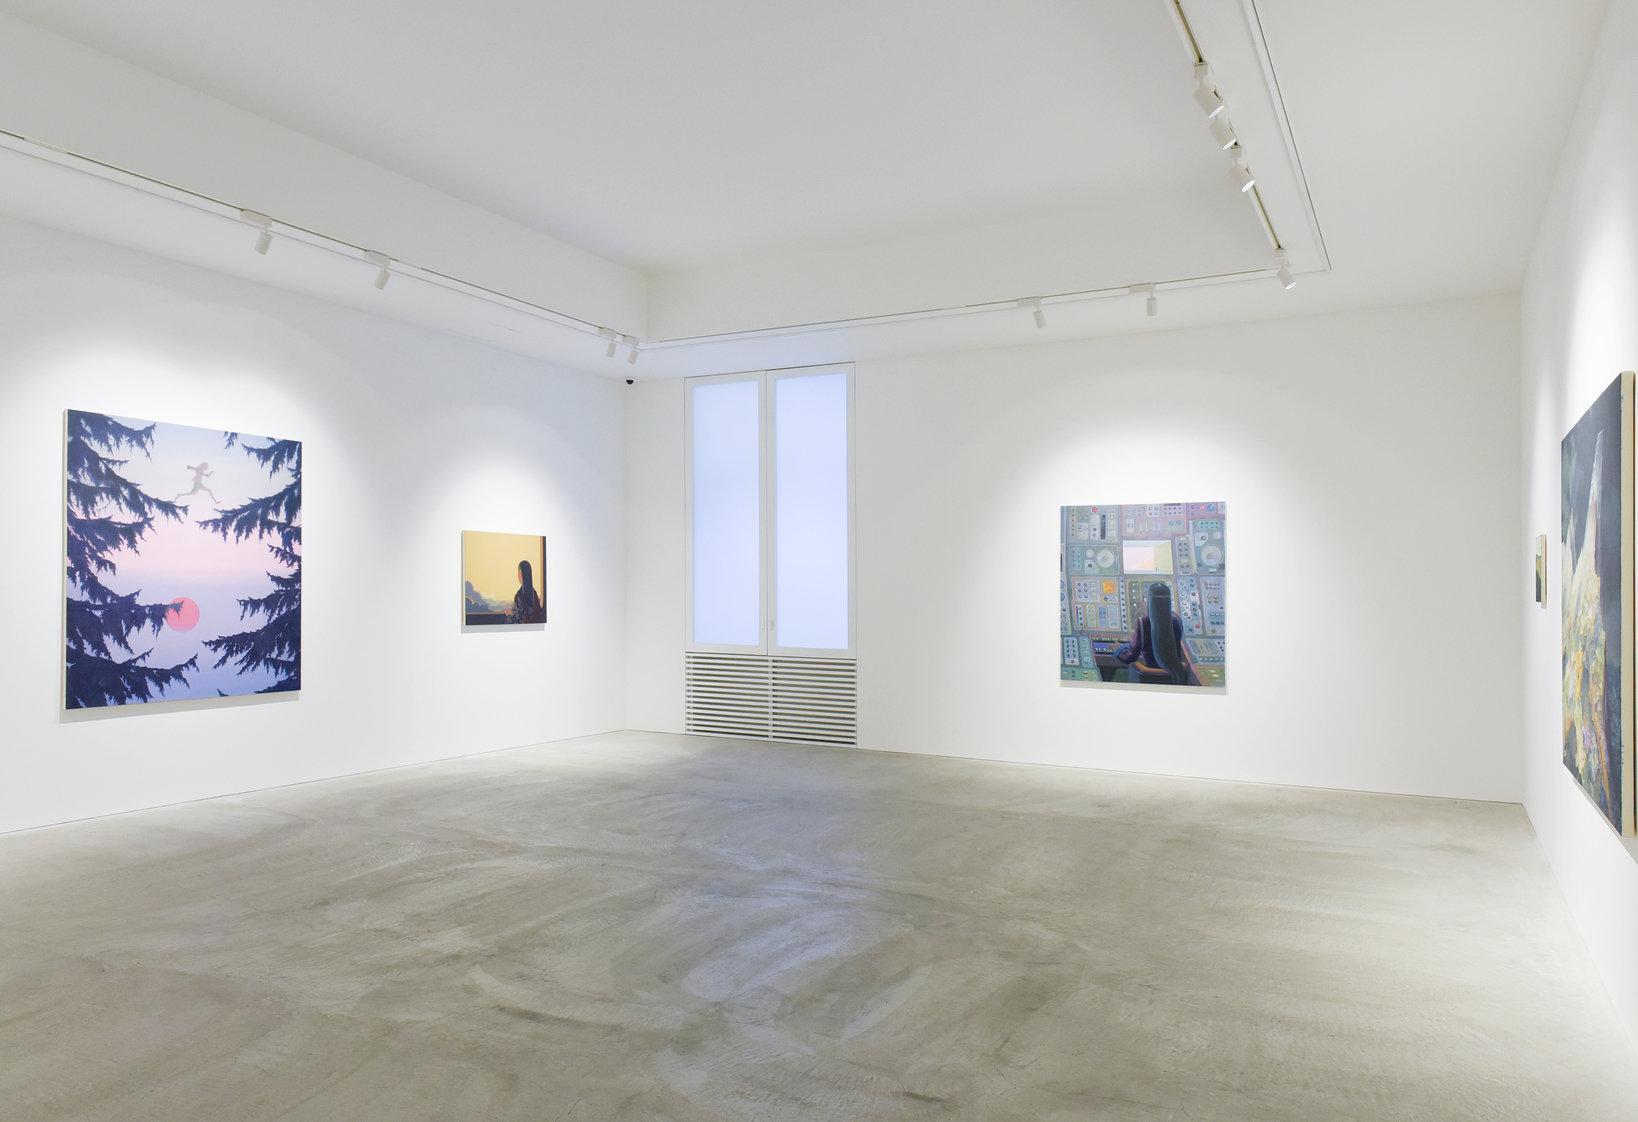 東京・六本木にある「TOMIO KOYAMA GALLERY」。この日は、福井 篤展「アルカディアン」が開催されていた。